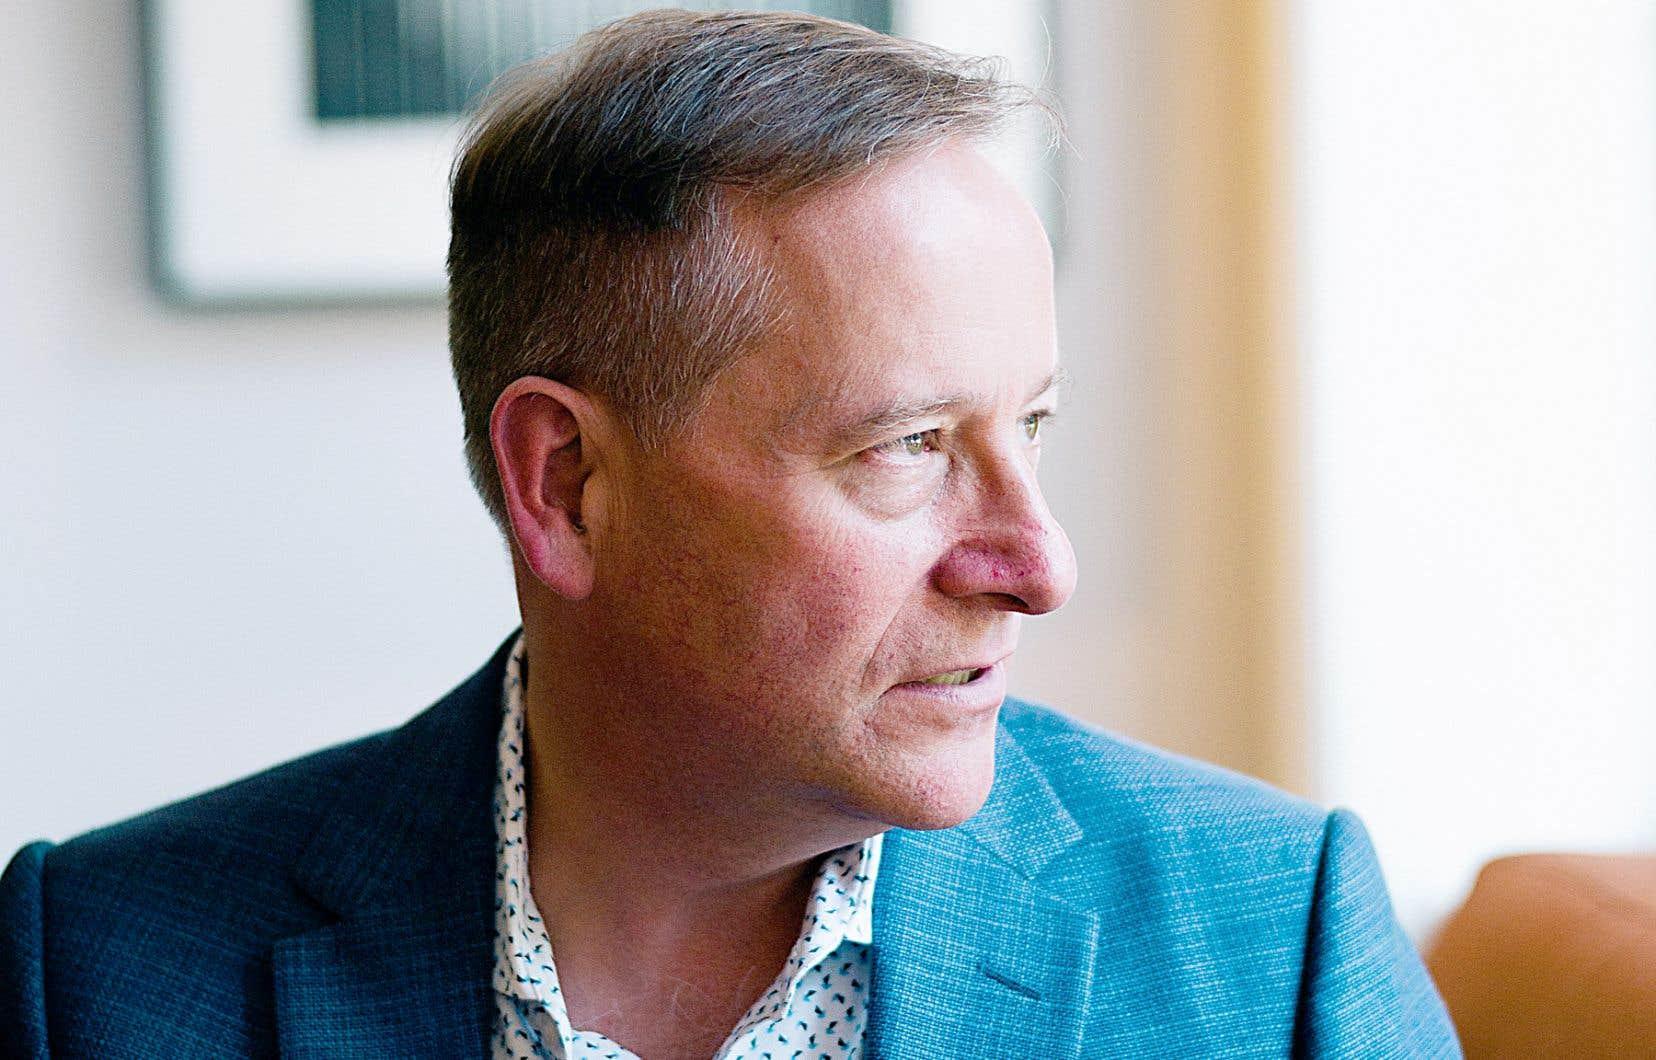 Patrick Corrigan, directeur de l'Opéra de Montreal, a expliqué lundi la situation particulière de l'institution. Au même moment, la Canadian Opera Company de Toronto annonçait également l'annulation de sa saison automnale.